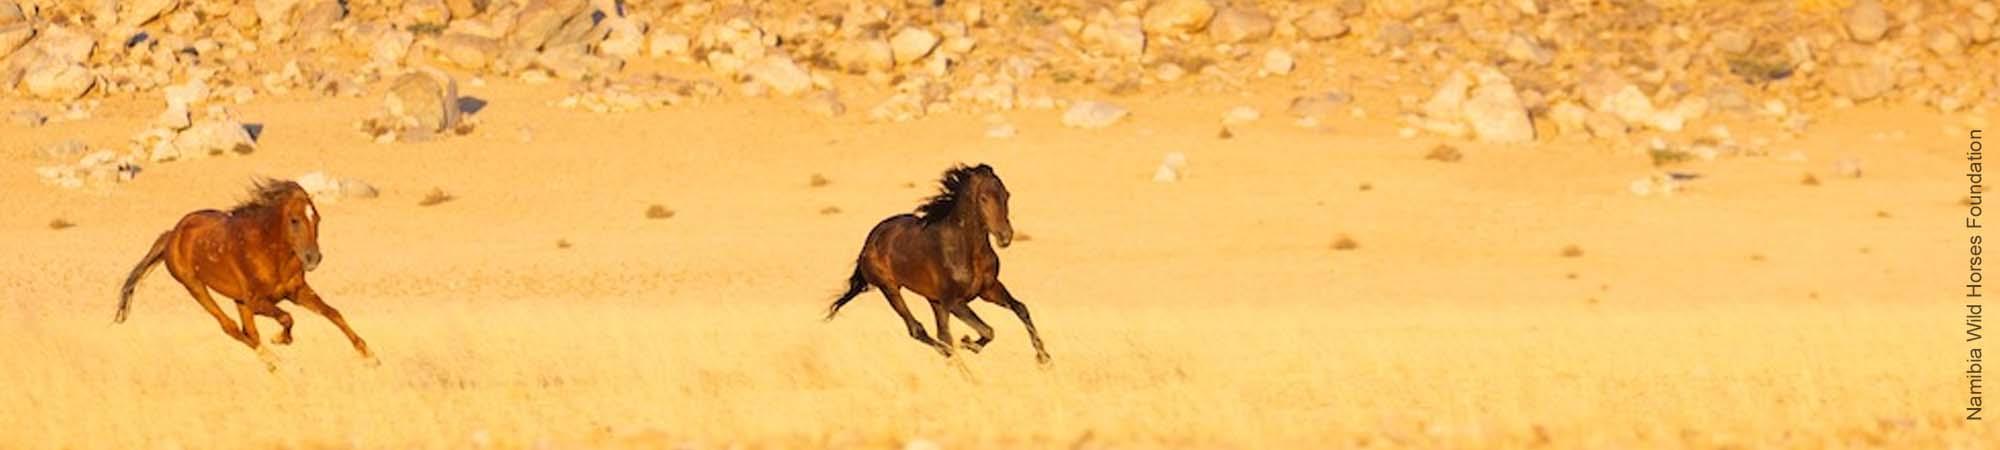 Namibs sind die wilden Pferde (Wildpferde) der Namib-Wüste in Namibia